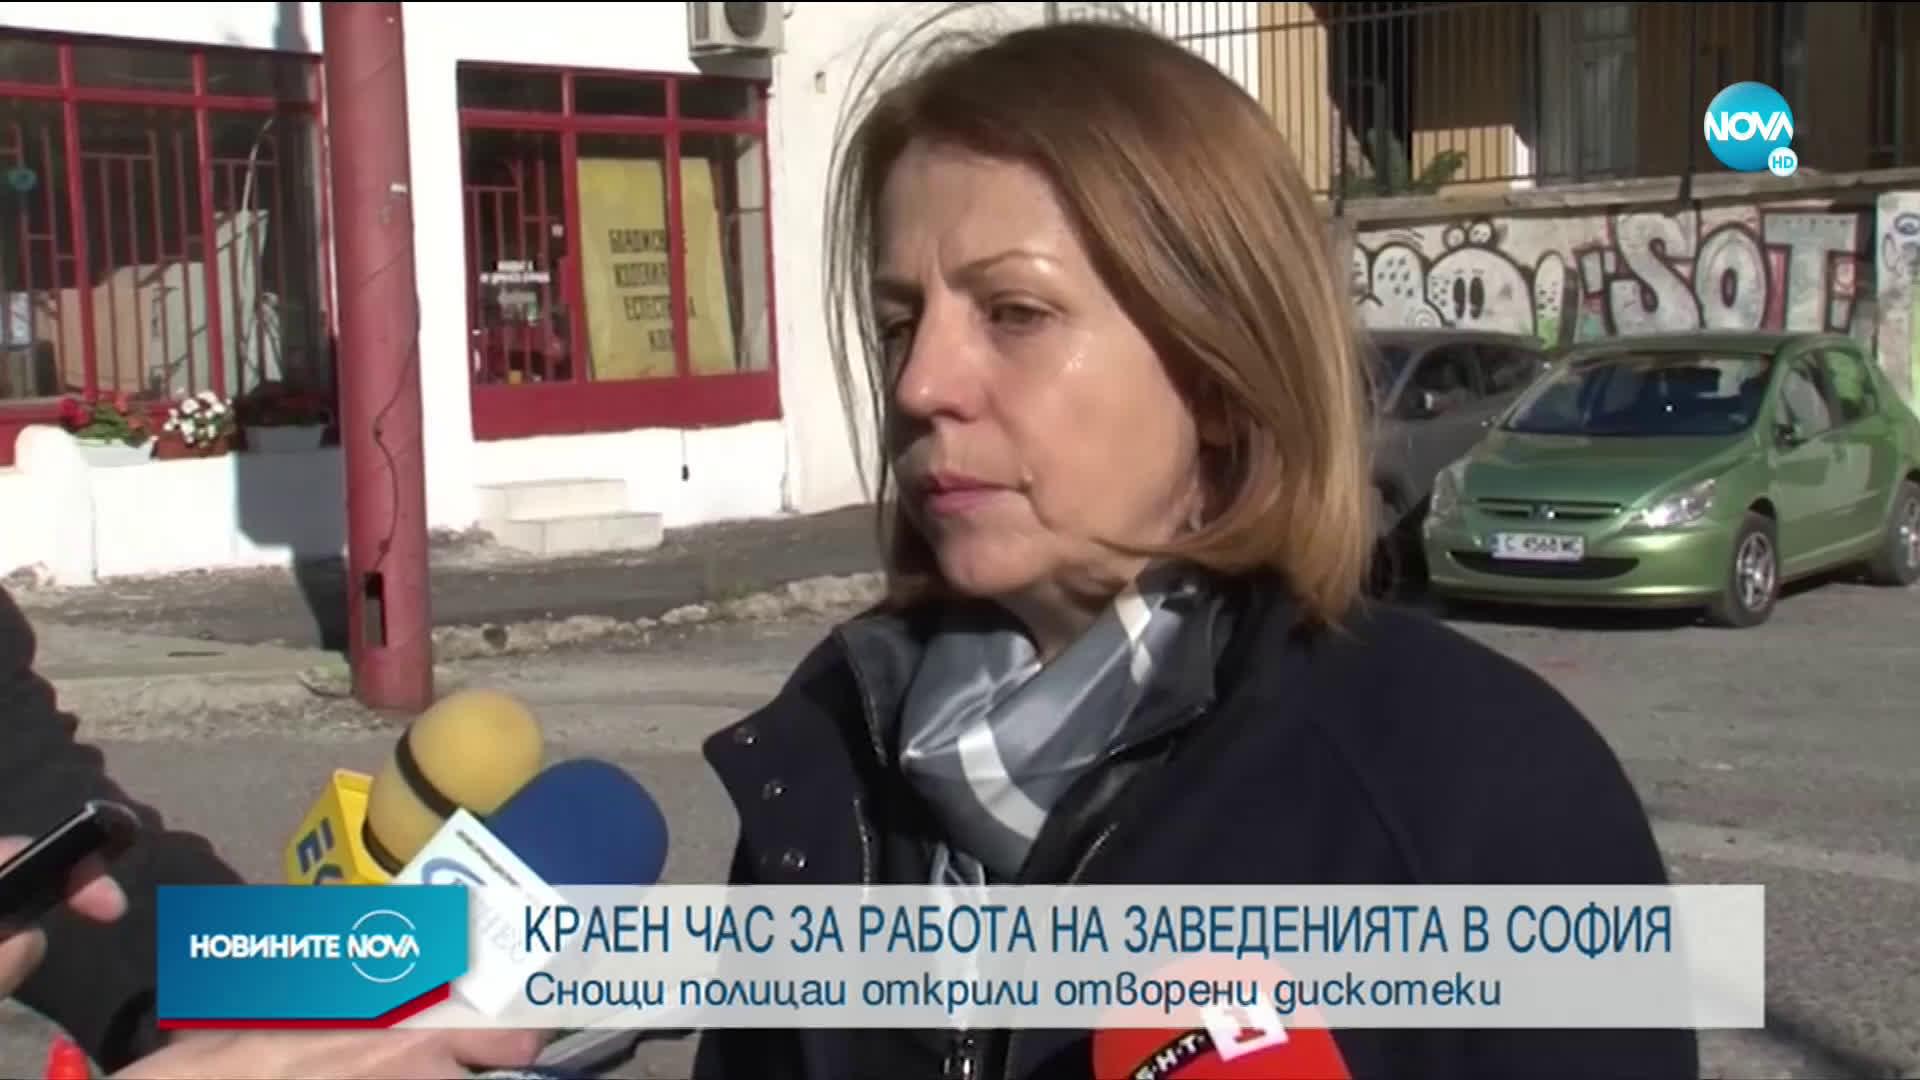 Обмислят вечерен час за ресторантите и кафенетата в София